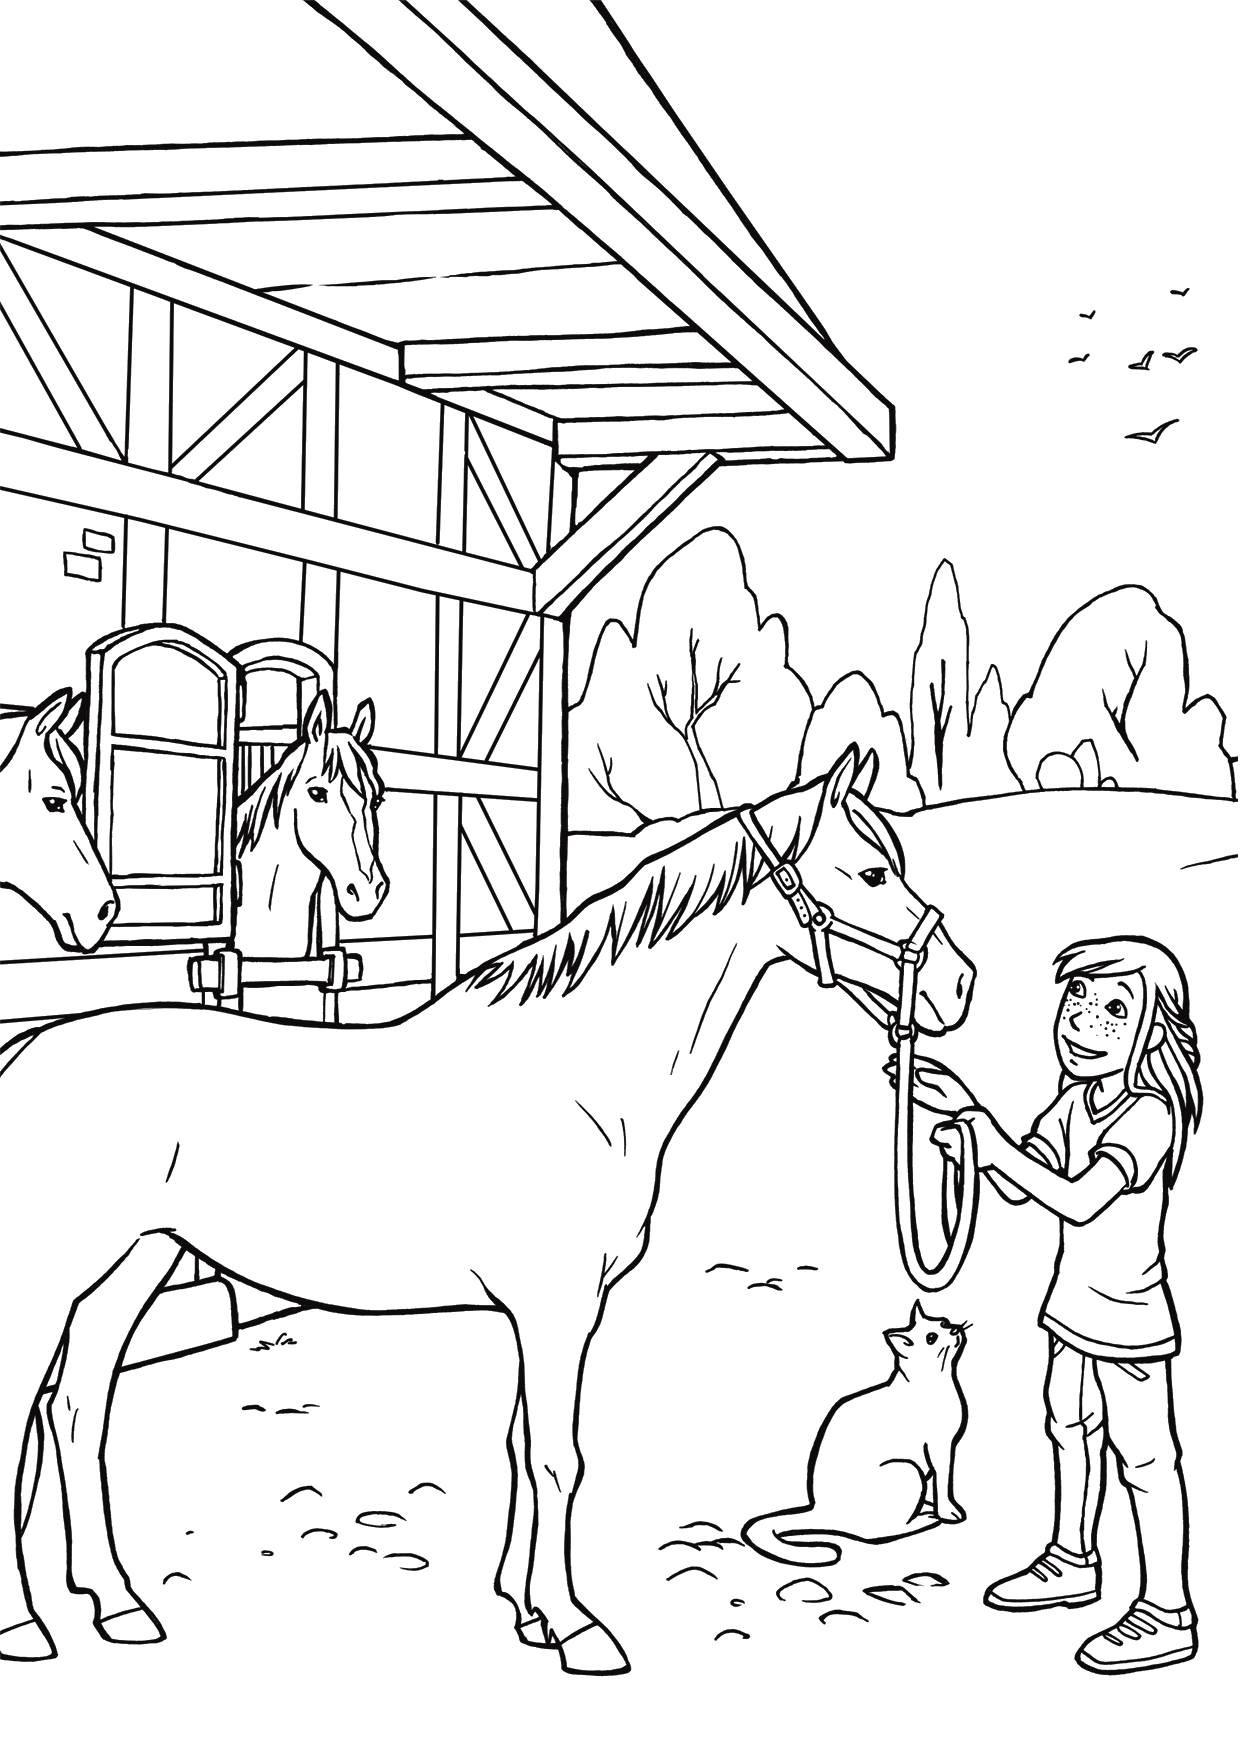 Pferde Ausmalbilder Zum Drucken Genial 25 Genial Pferde Ausmalbild Zum Ausdrucken Galerie